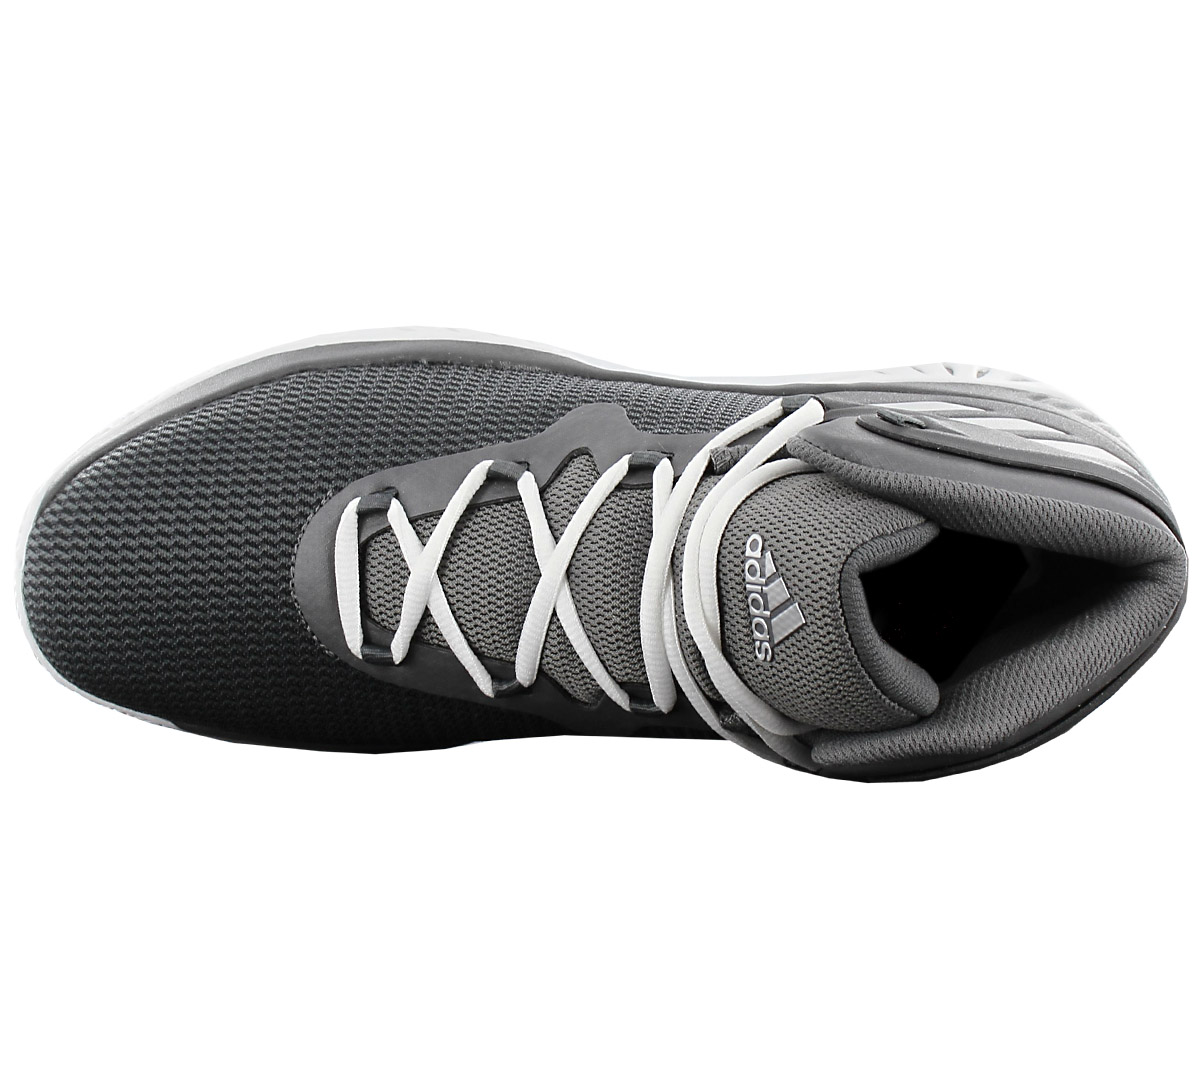 Details zu adidas Explosive Bounce Herren Basketballschuhe Basketball Schuhe Grau BY3779